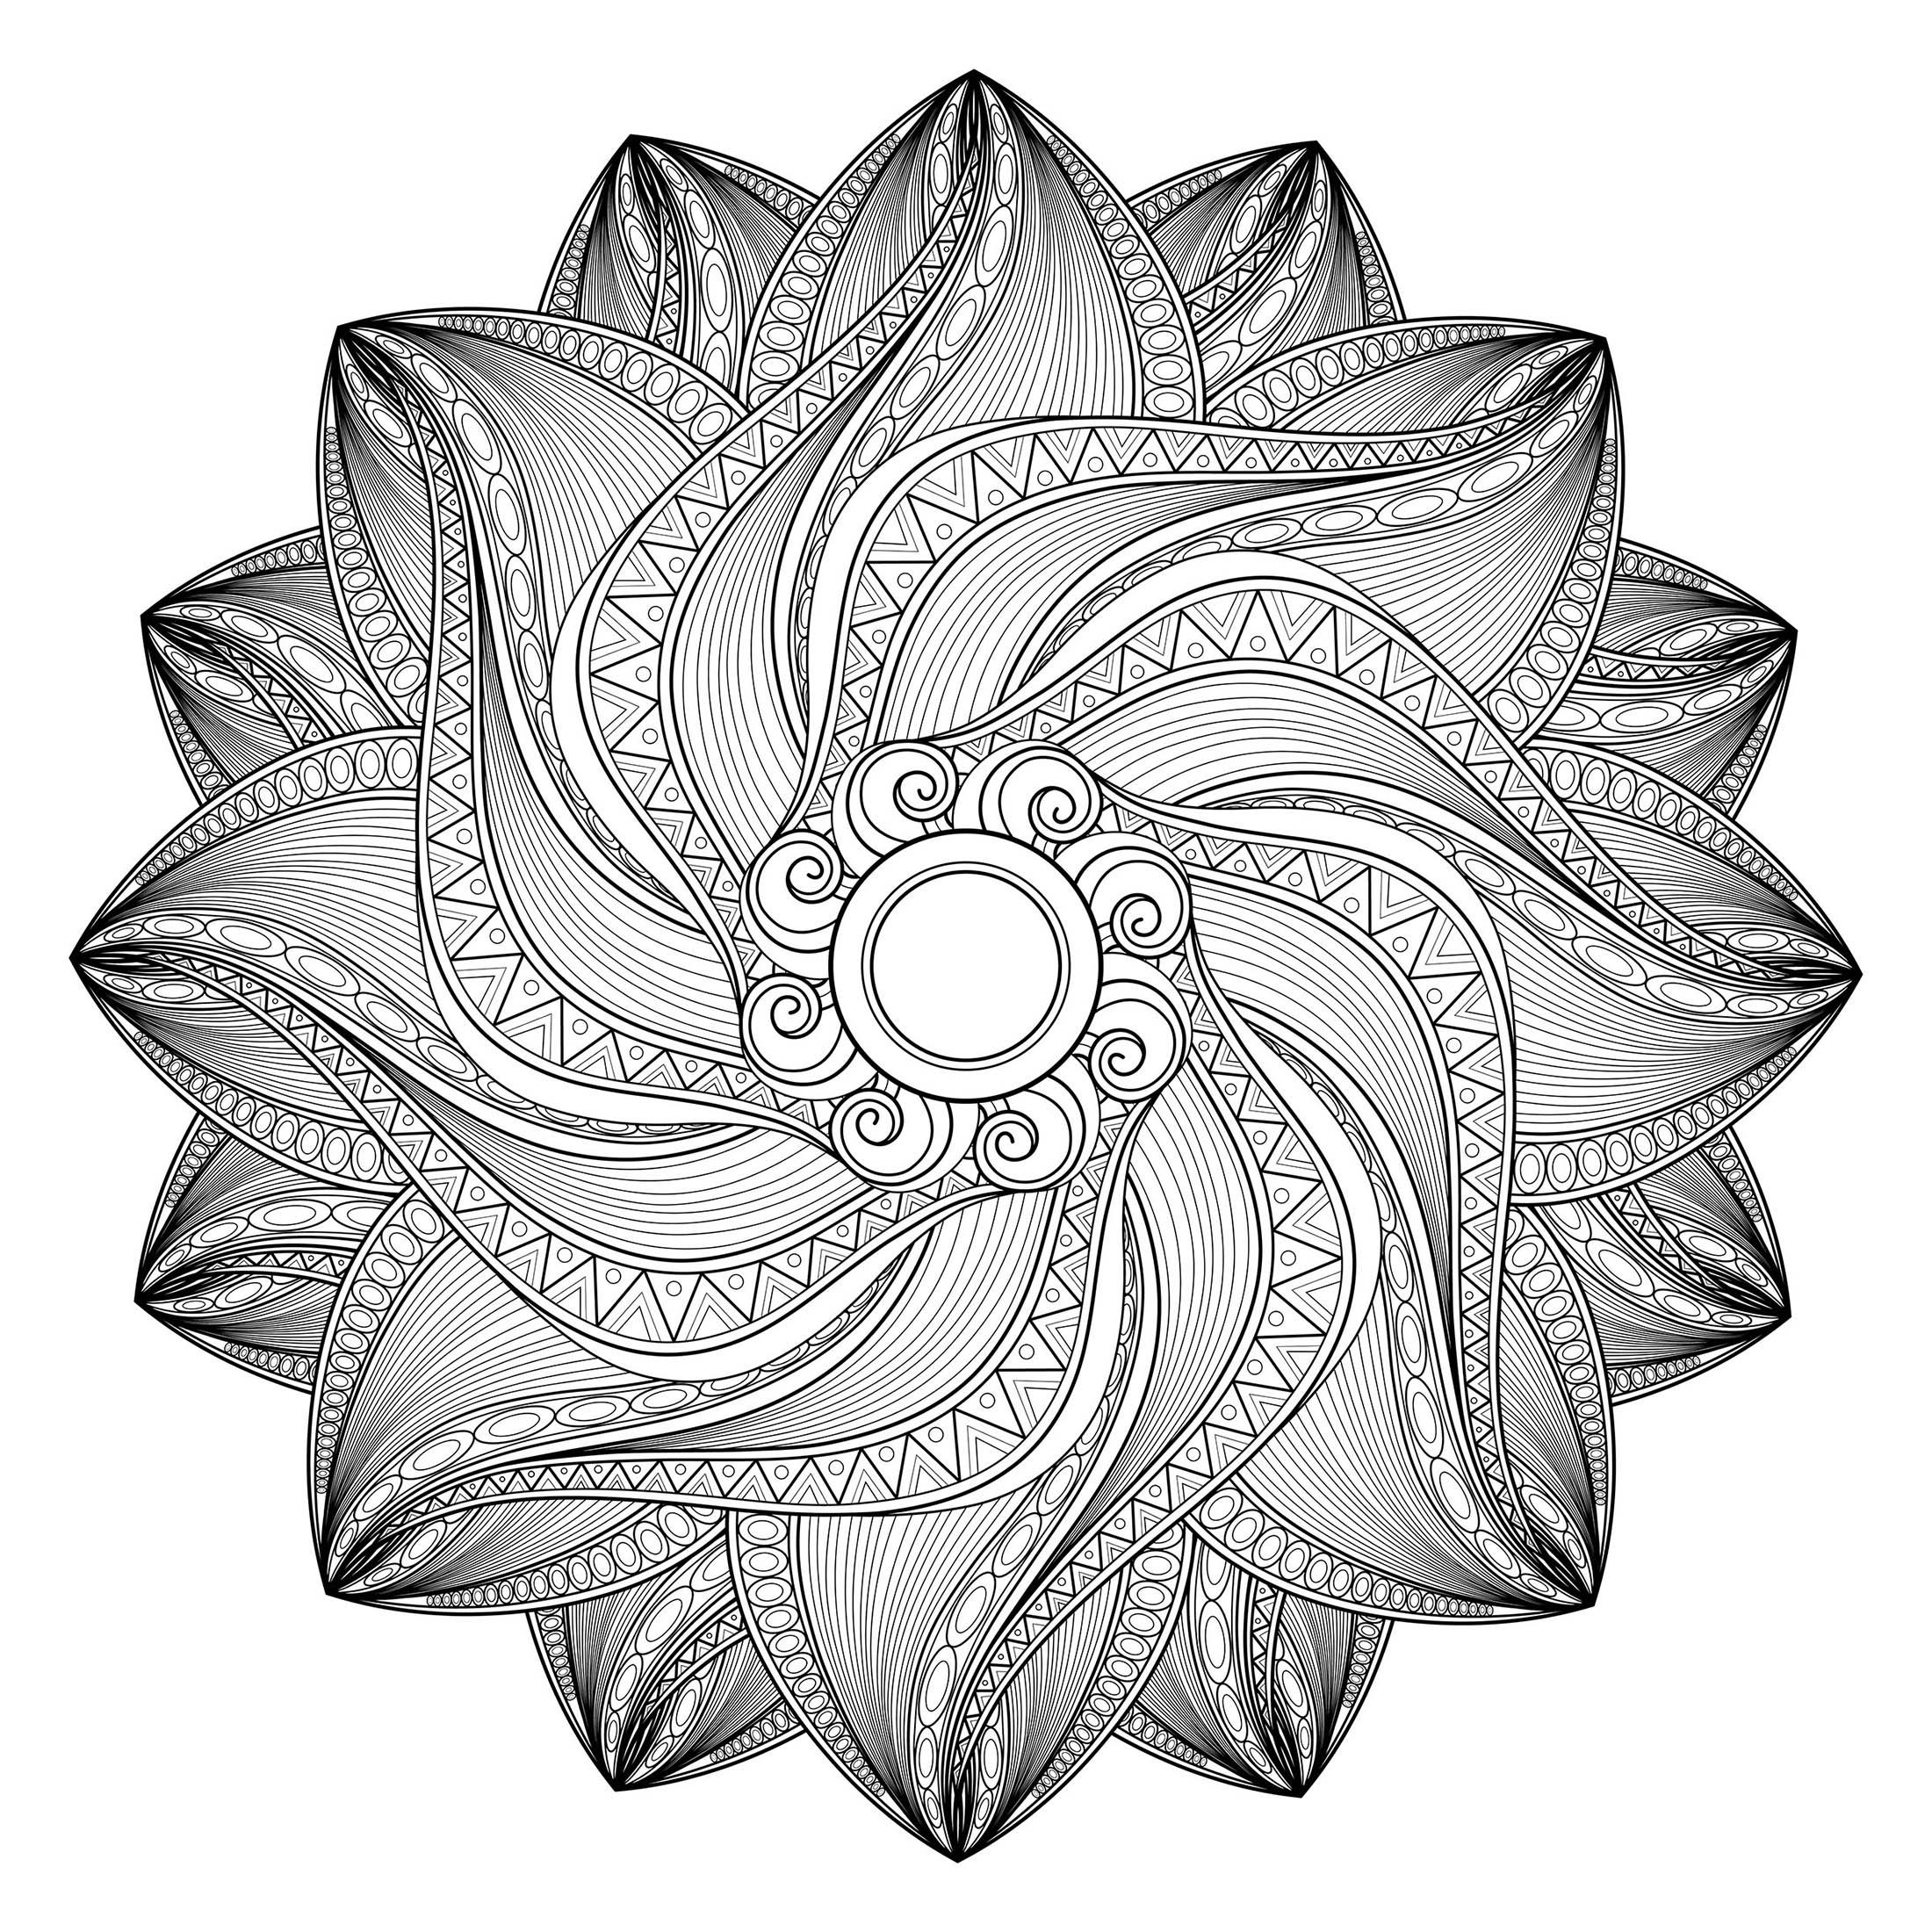 Coloriage Mandala Couleur.Mandala Geometrique Abstrait 3 Mandalas Avec Motifs Geometriques